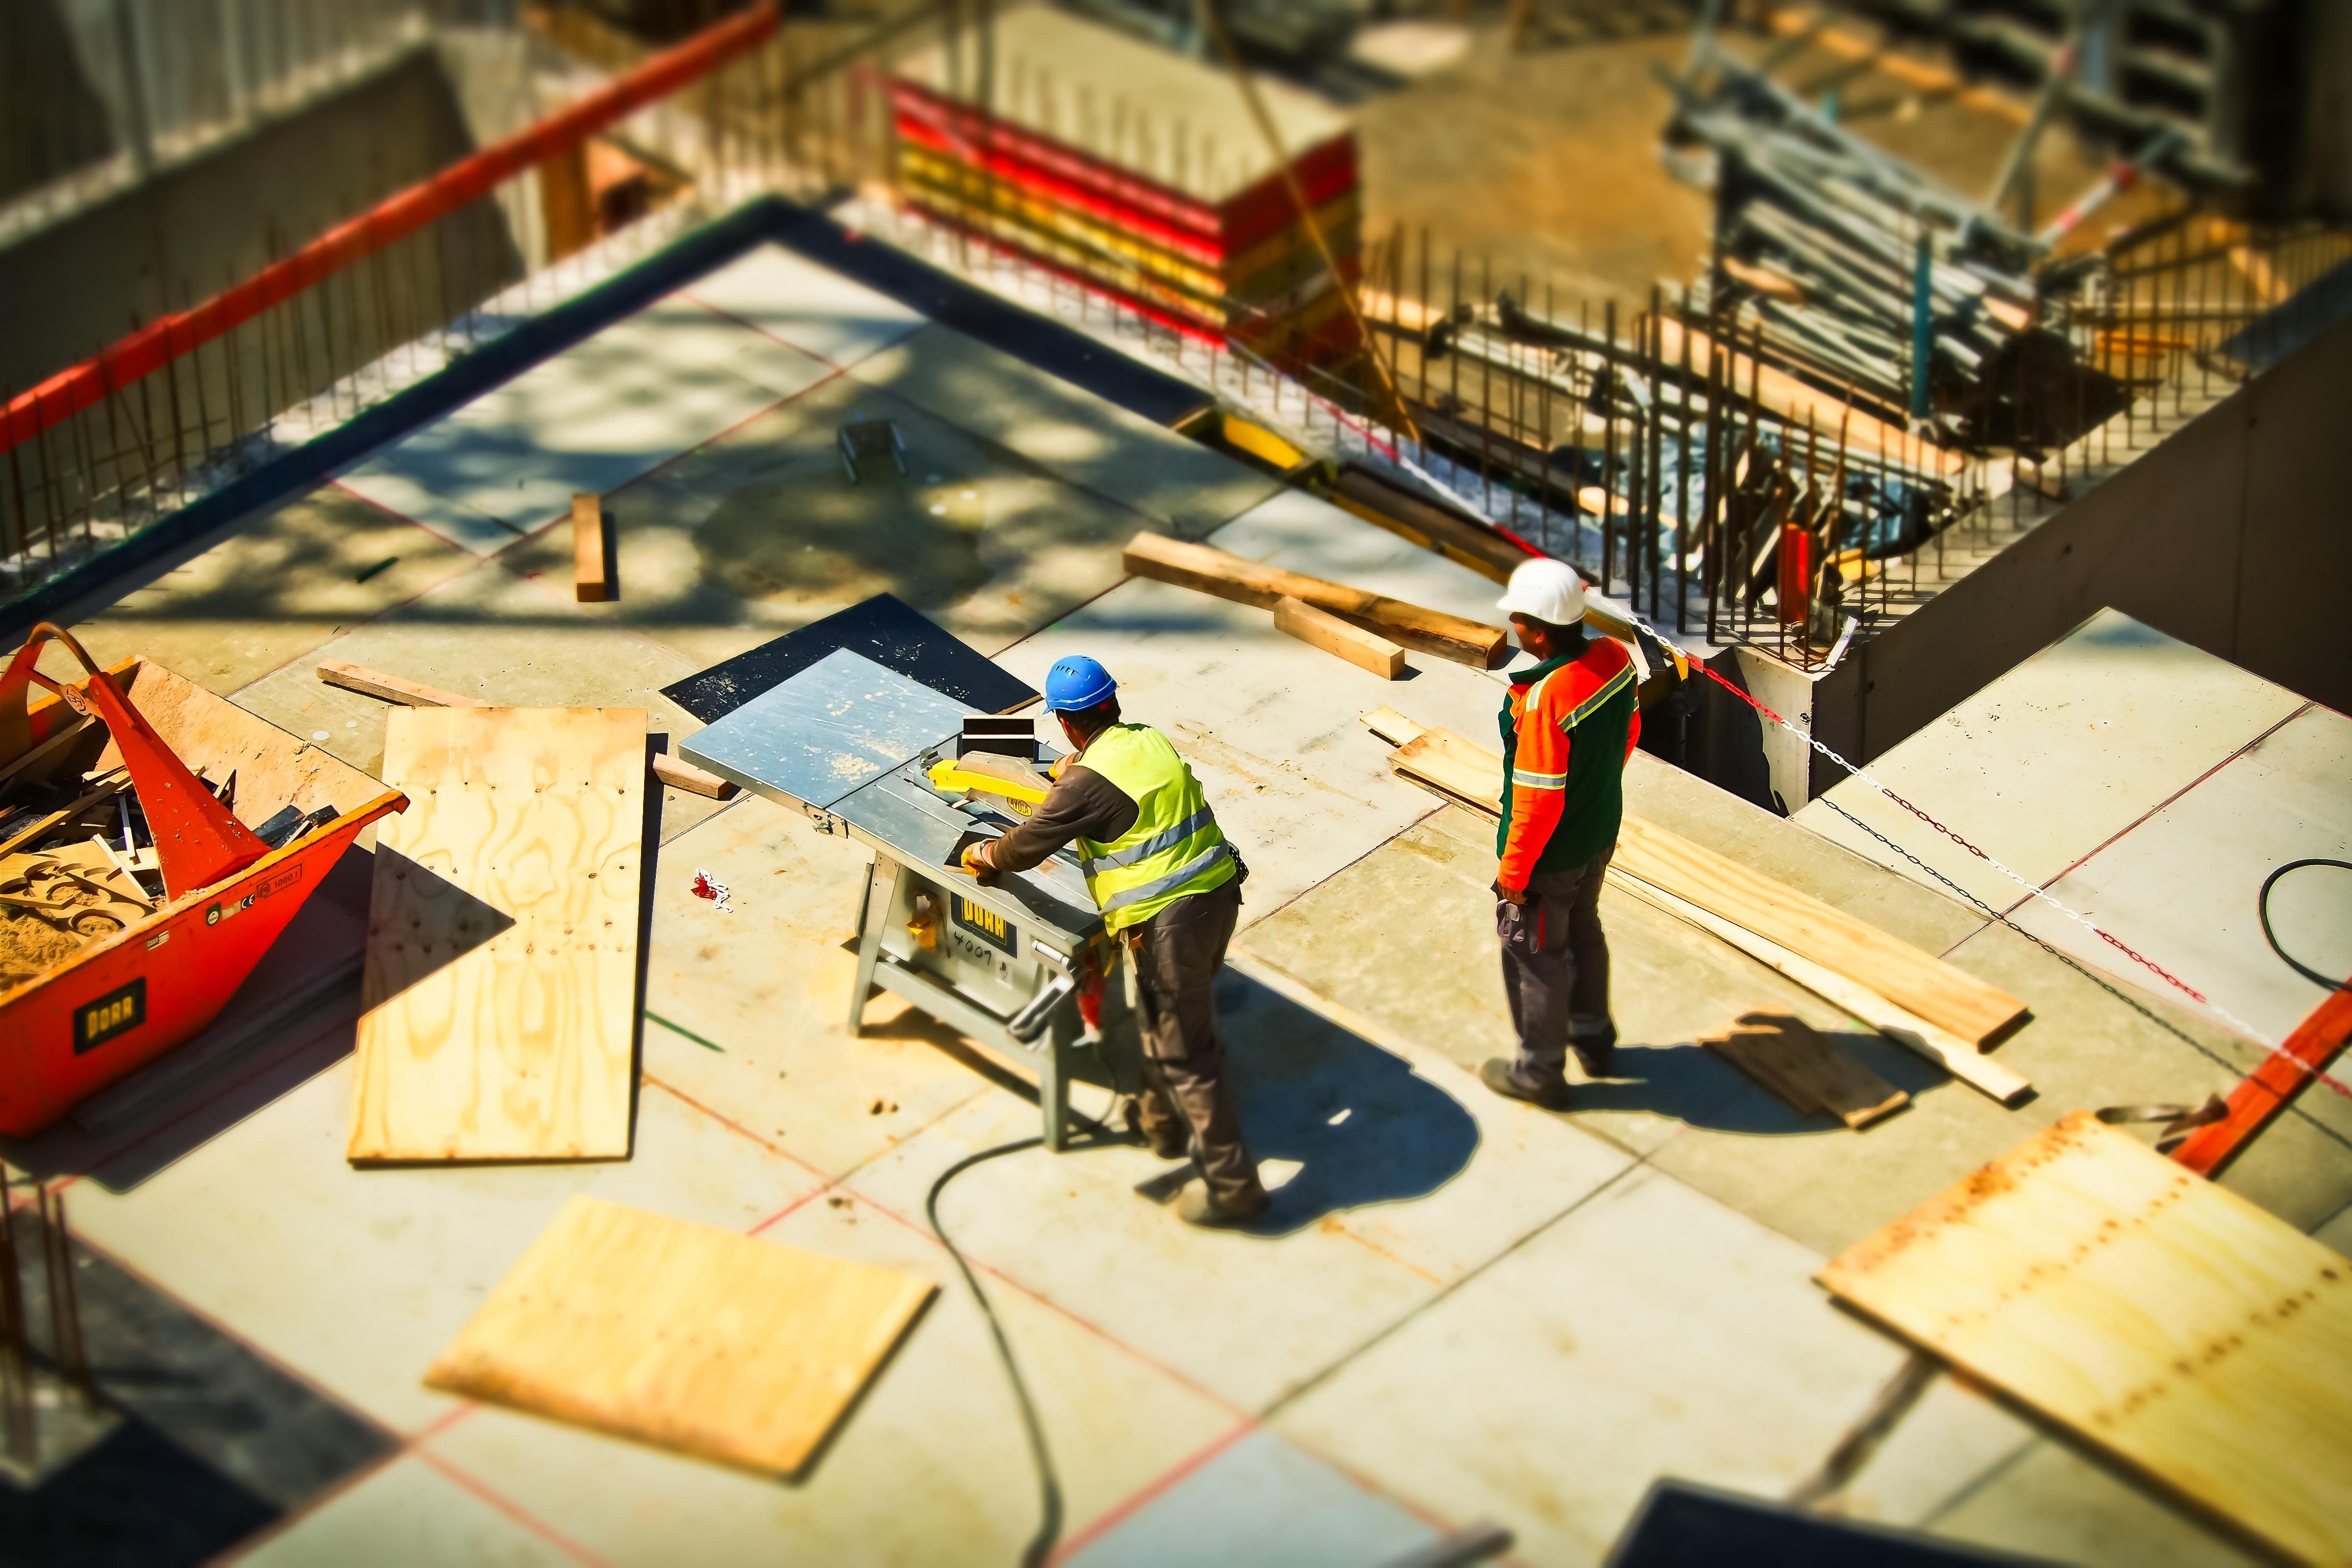 construction work.jpeg